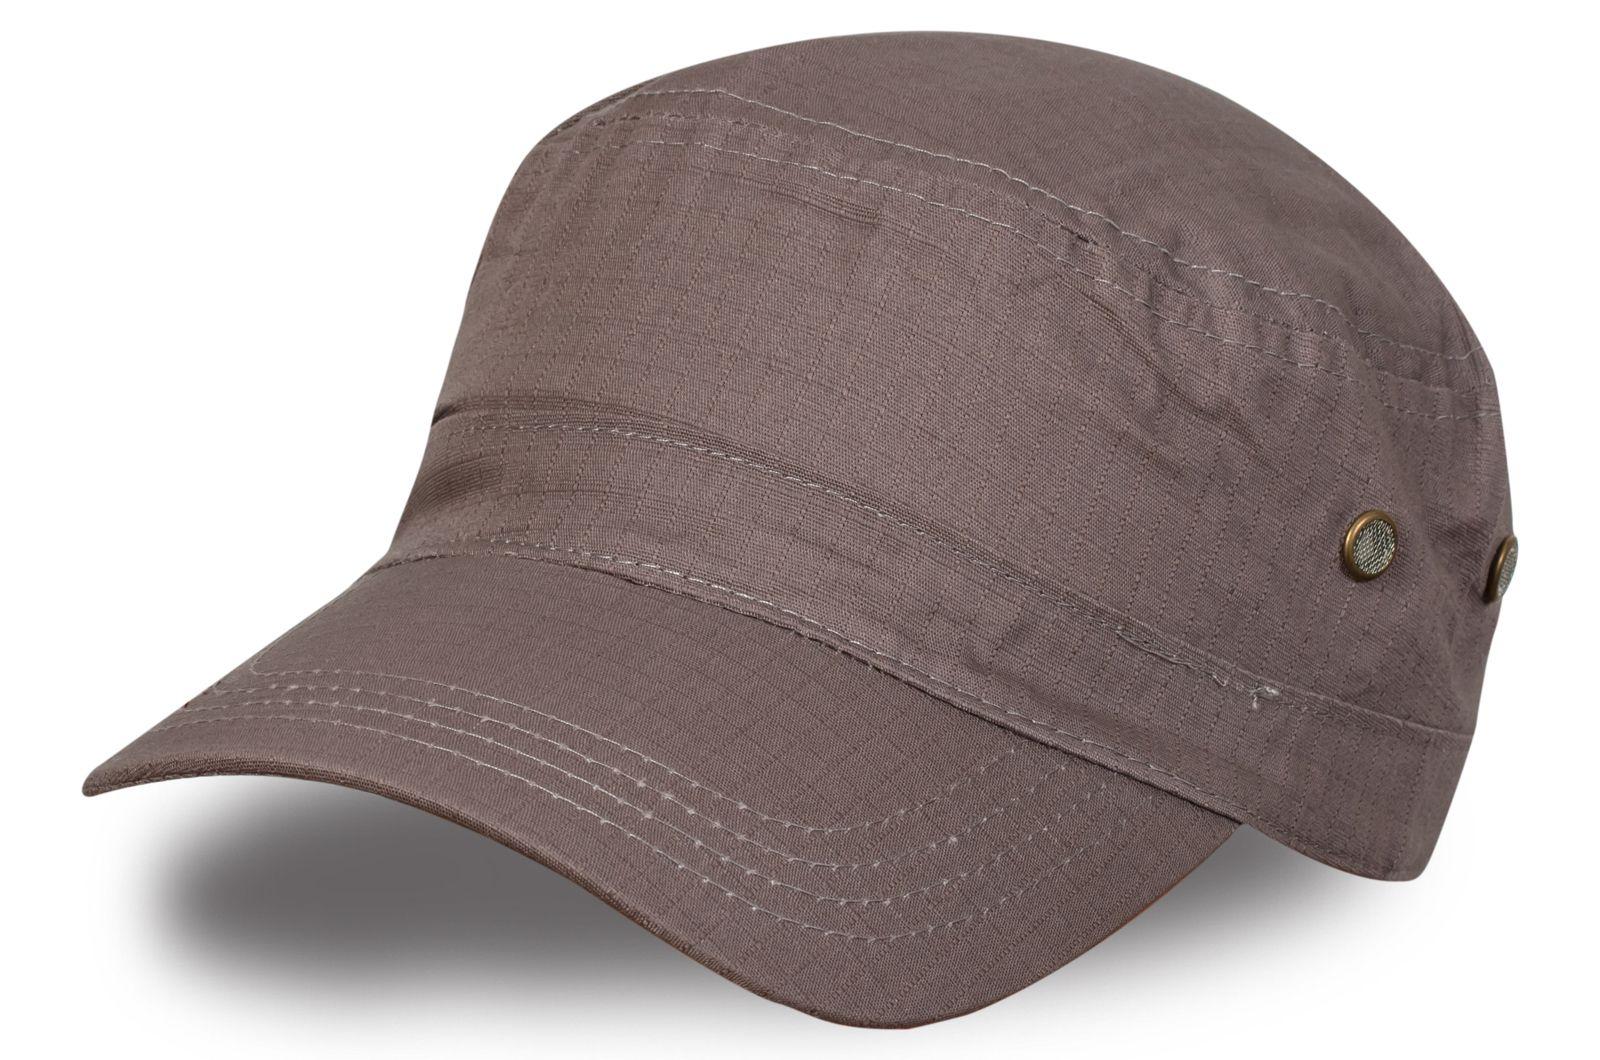 Серо-коричневая кепка-немка - заказать по лучшей цене